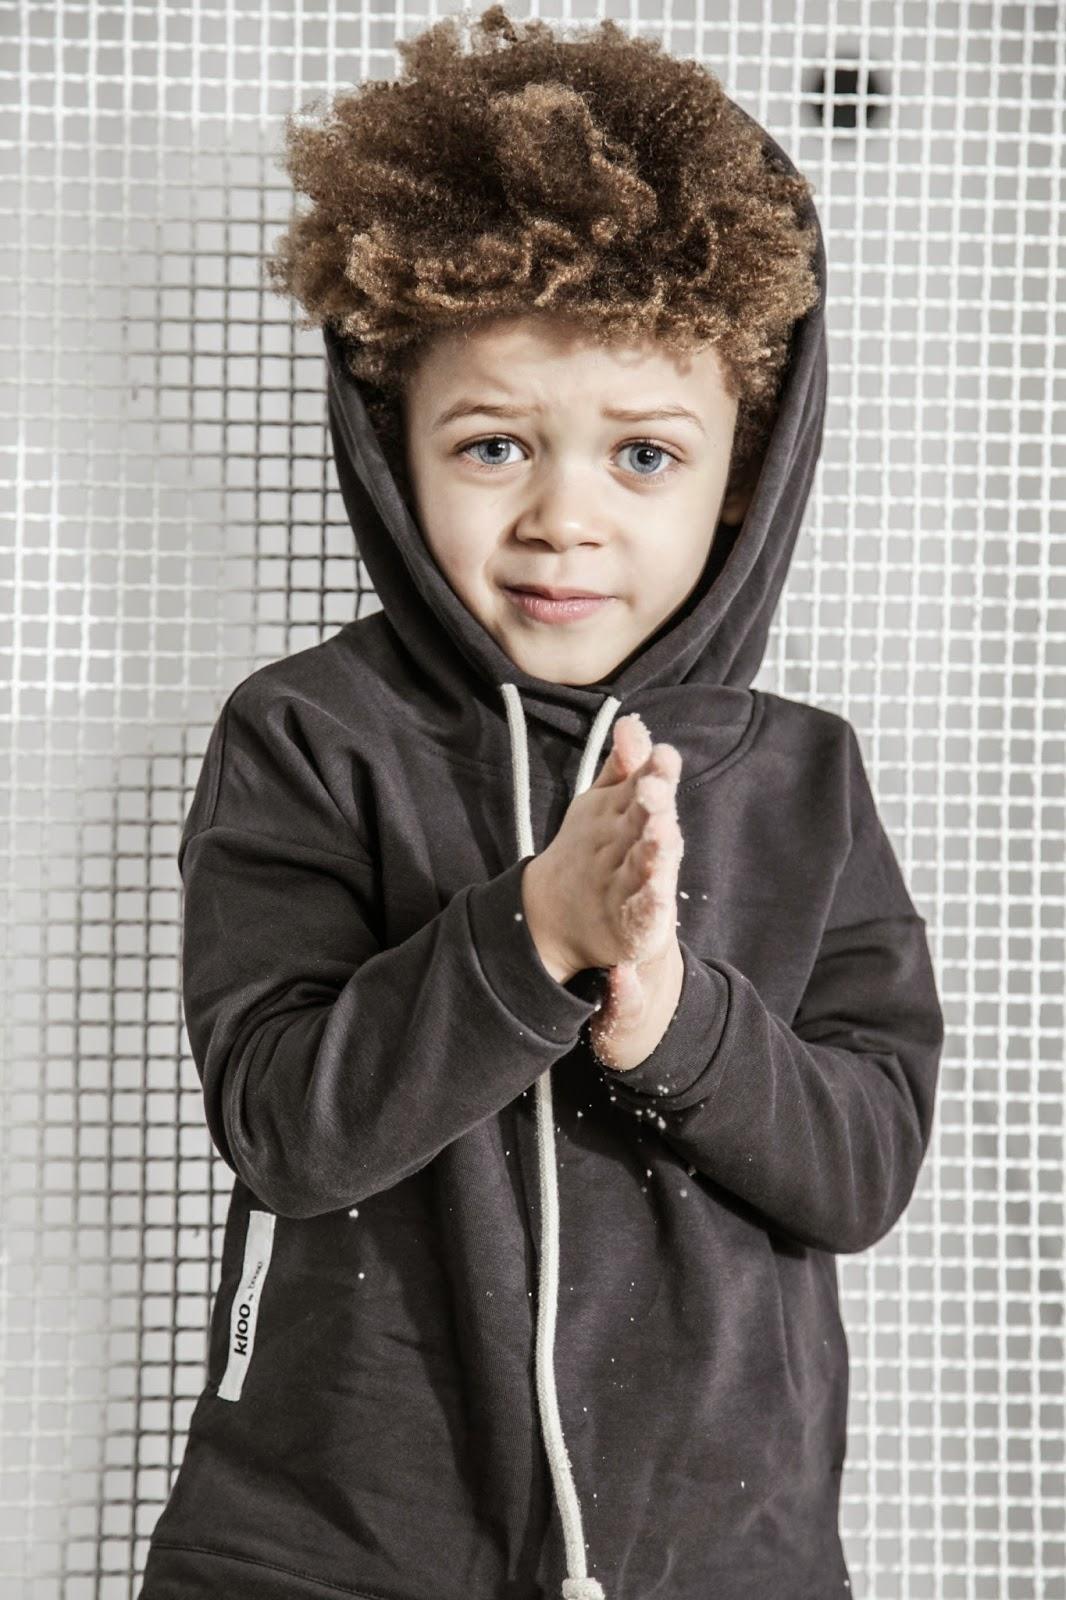 Kloo by Booso - Polish kids fashion spring-summer 2015 - black hoodie